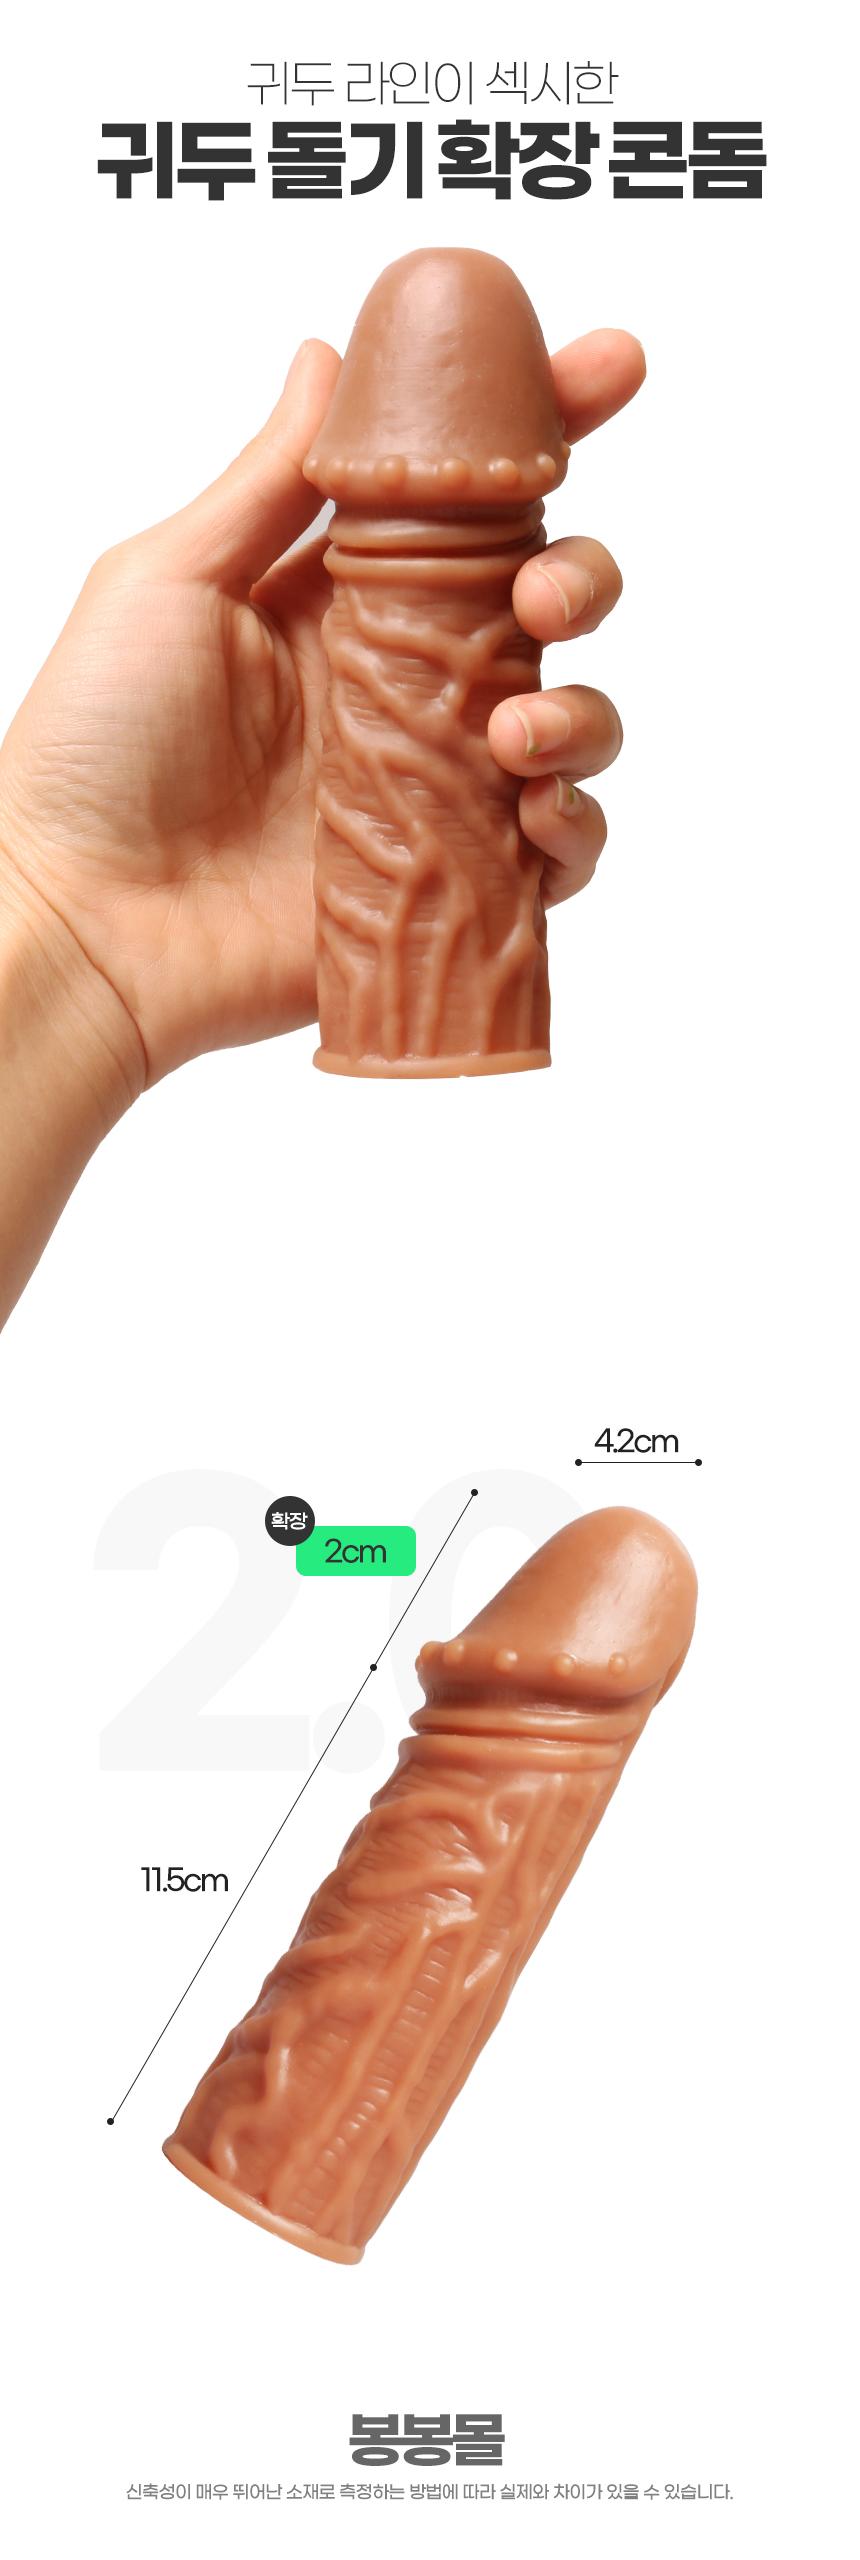 귀두 돌기 2cm 확장 콘돔